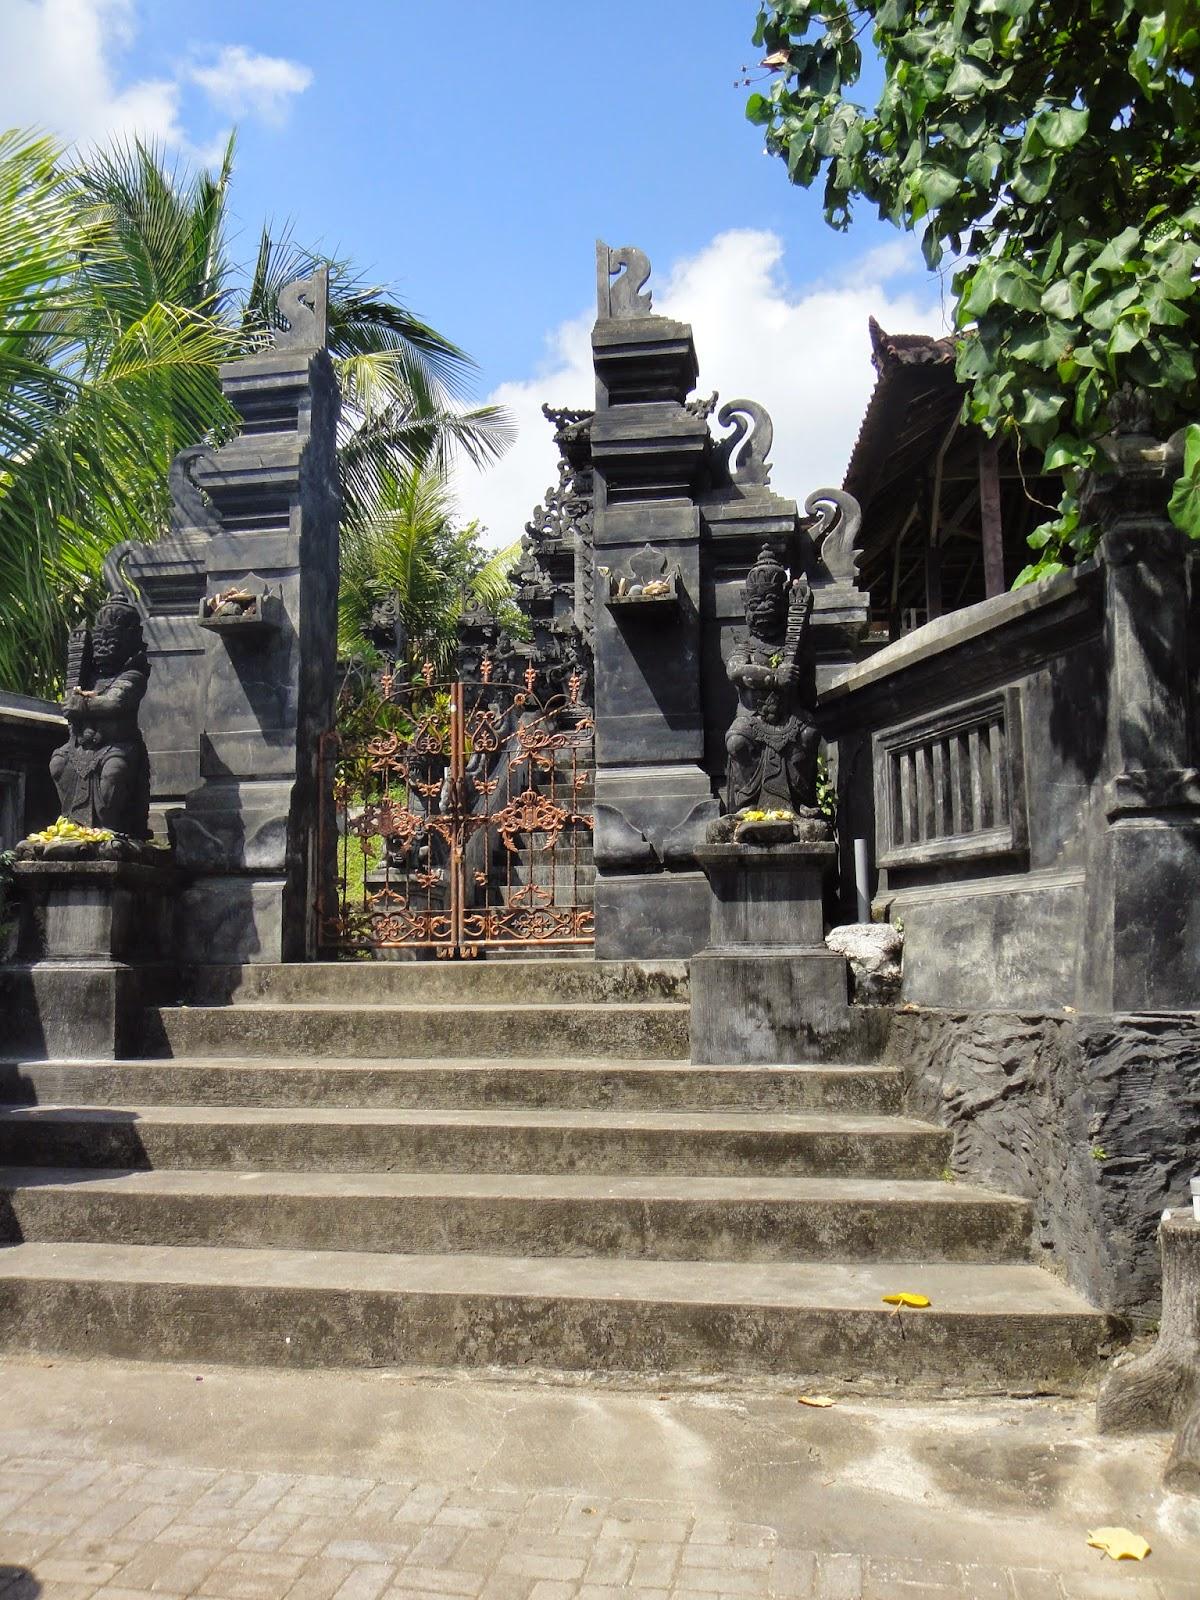 Pura Tanah Lot Bali Entrance